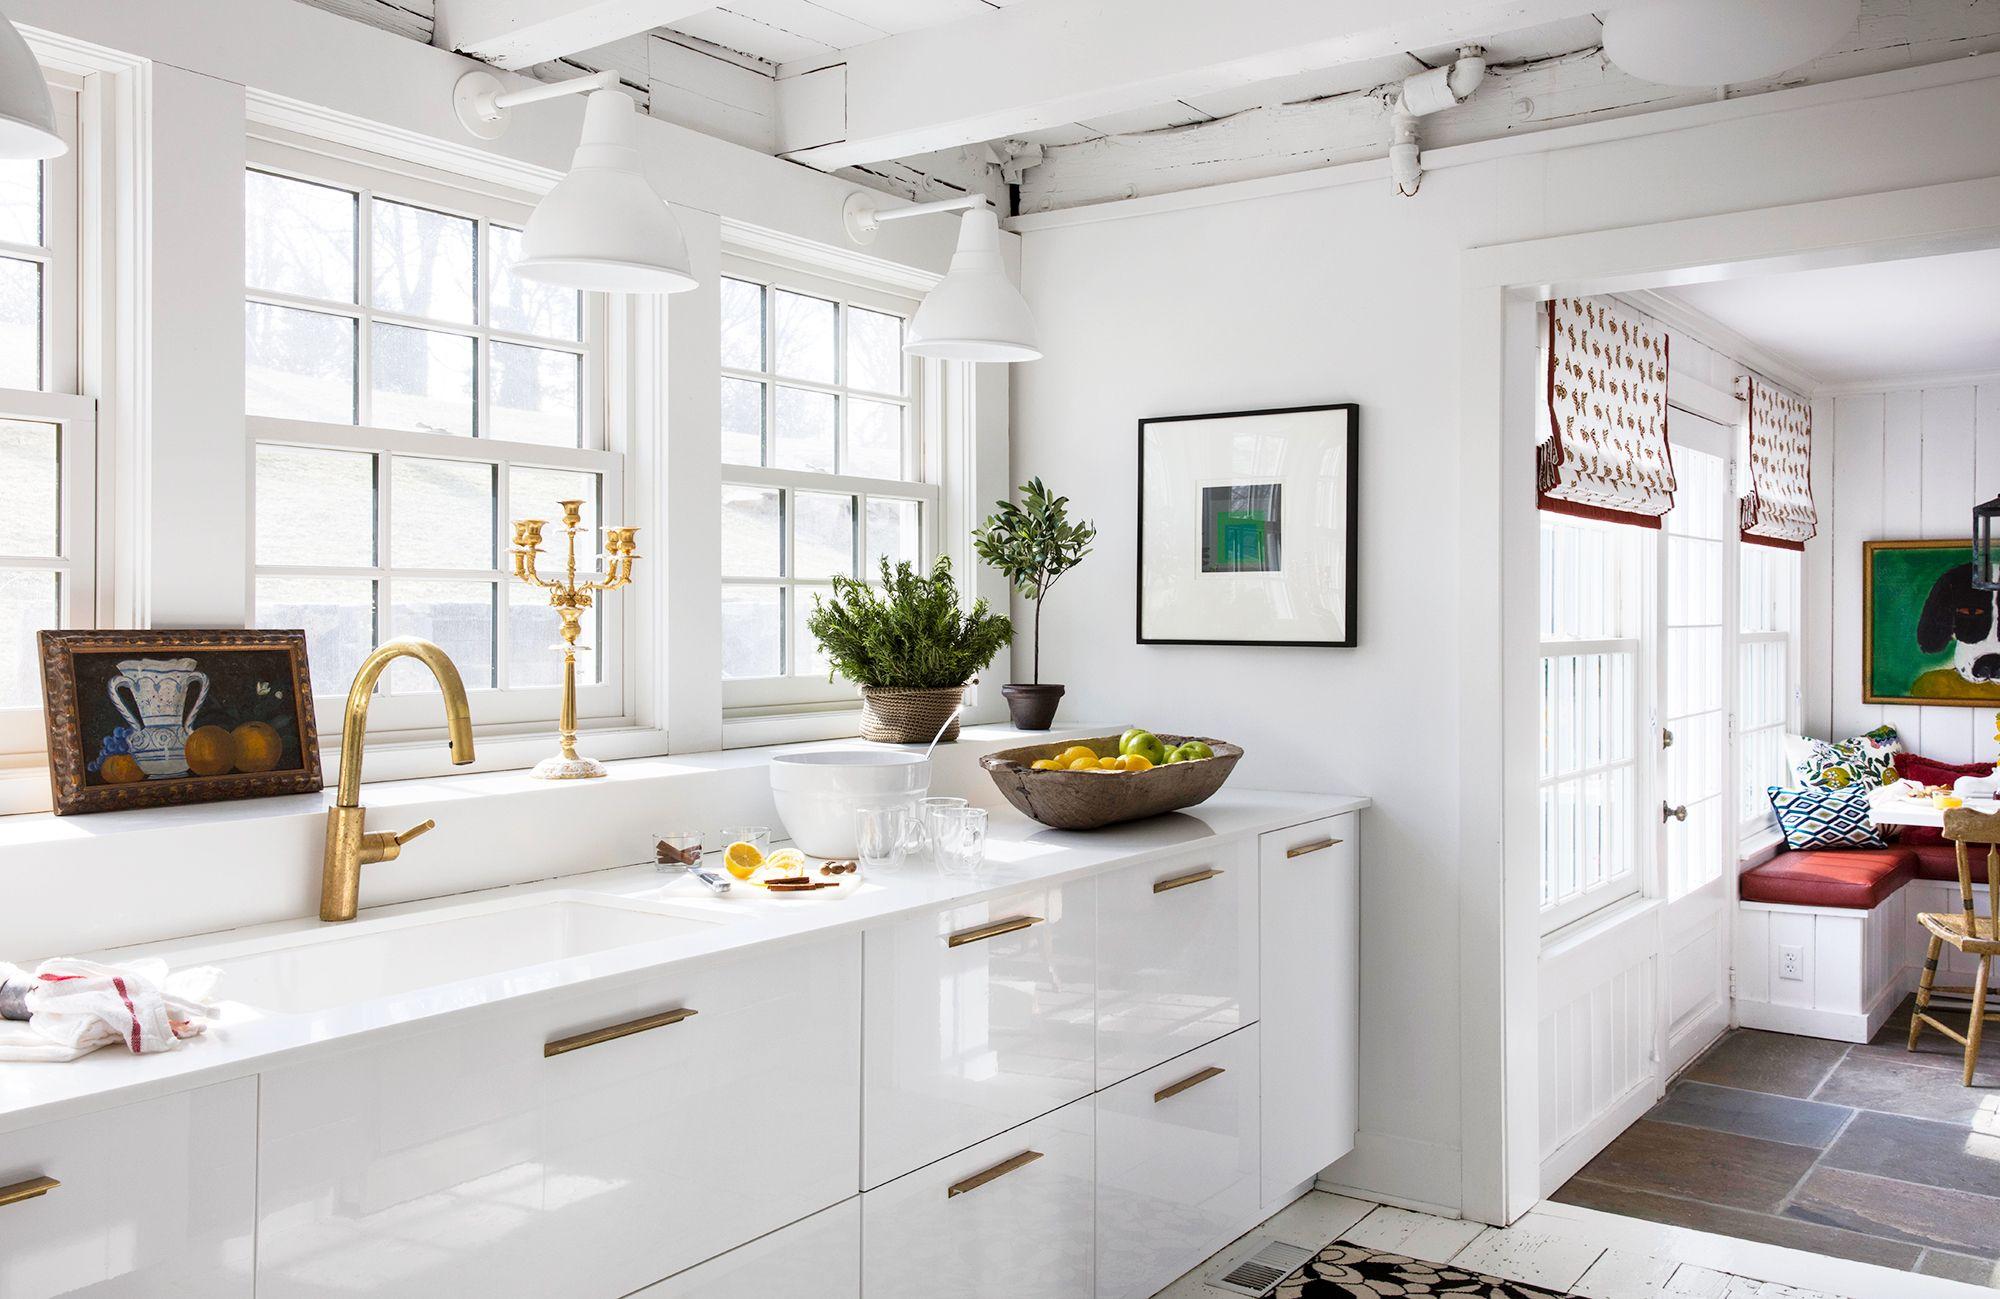 12 Modern Farmhouse Kitchen Decorating Ideas